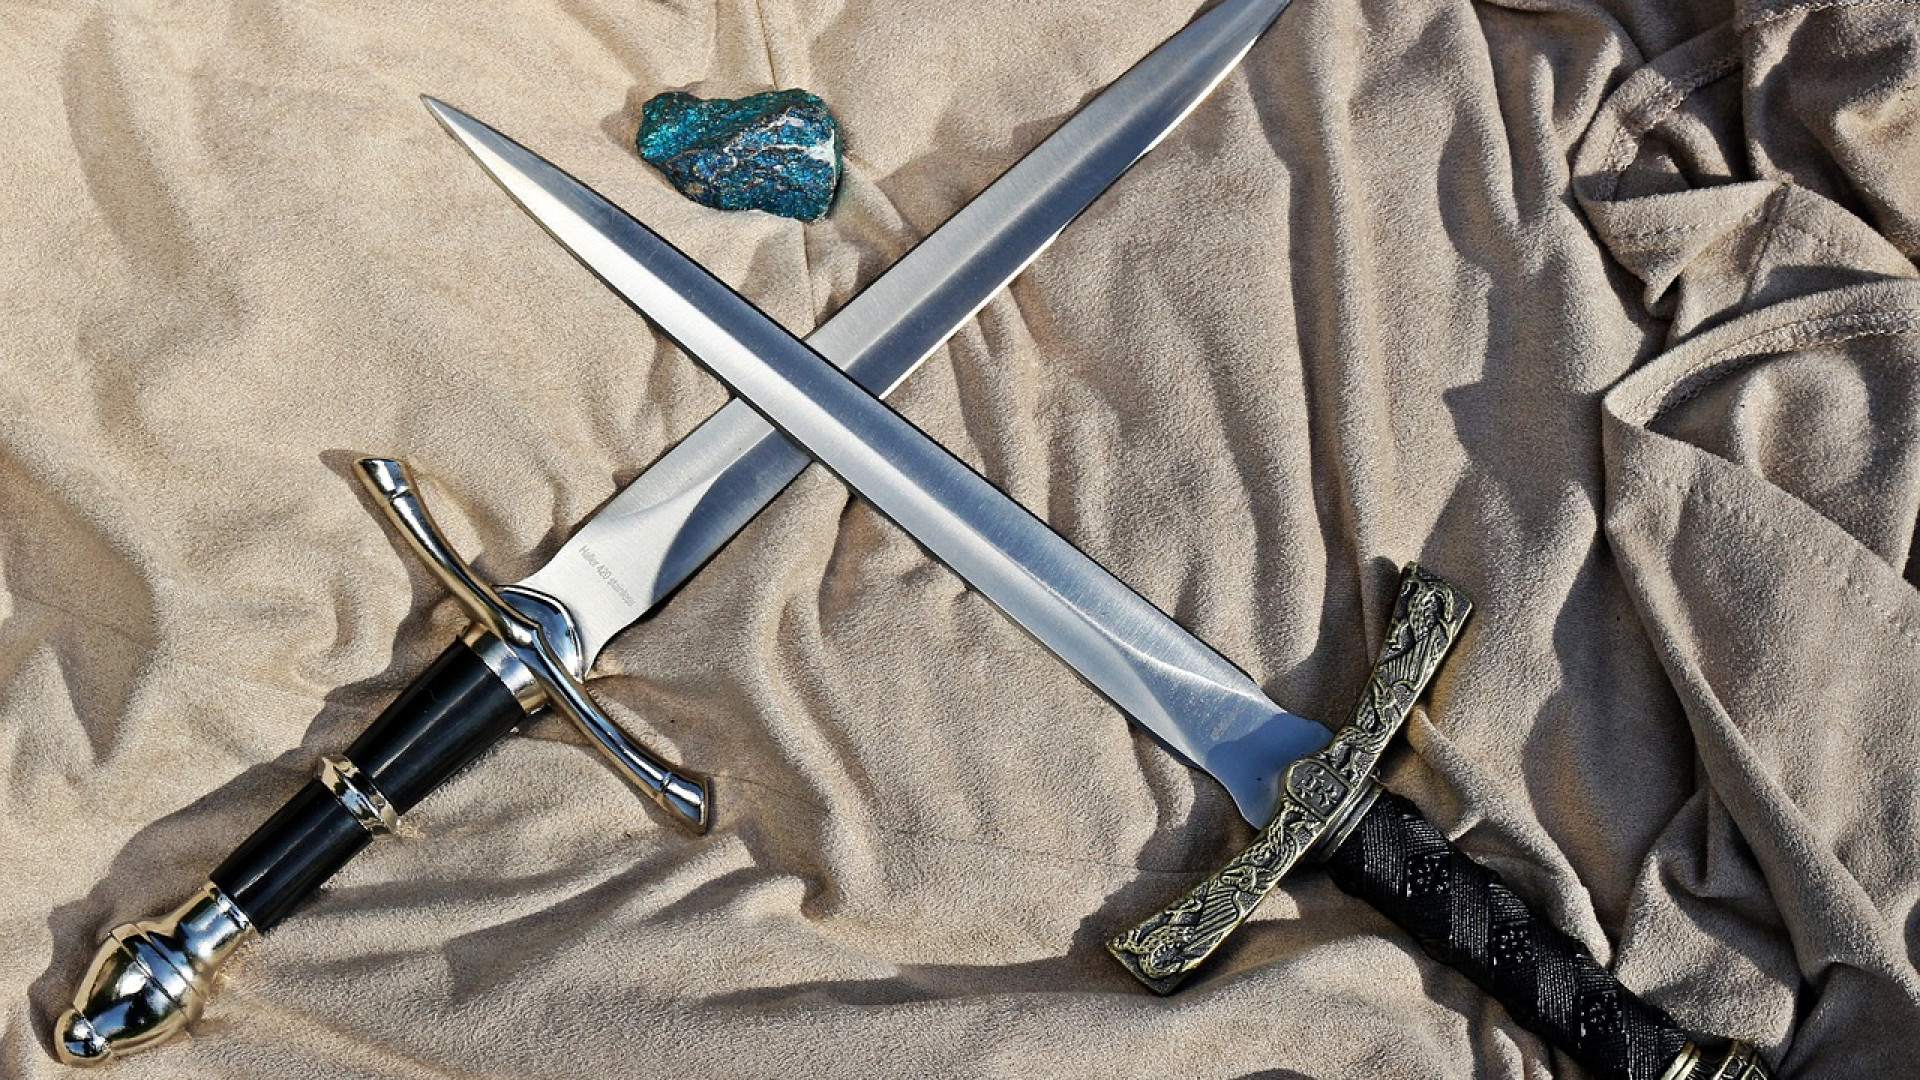 Couteau de chasse 100 % français : comment choisir ?